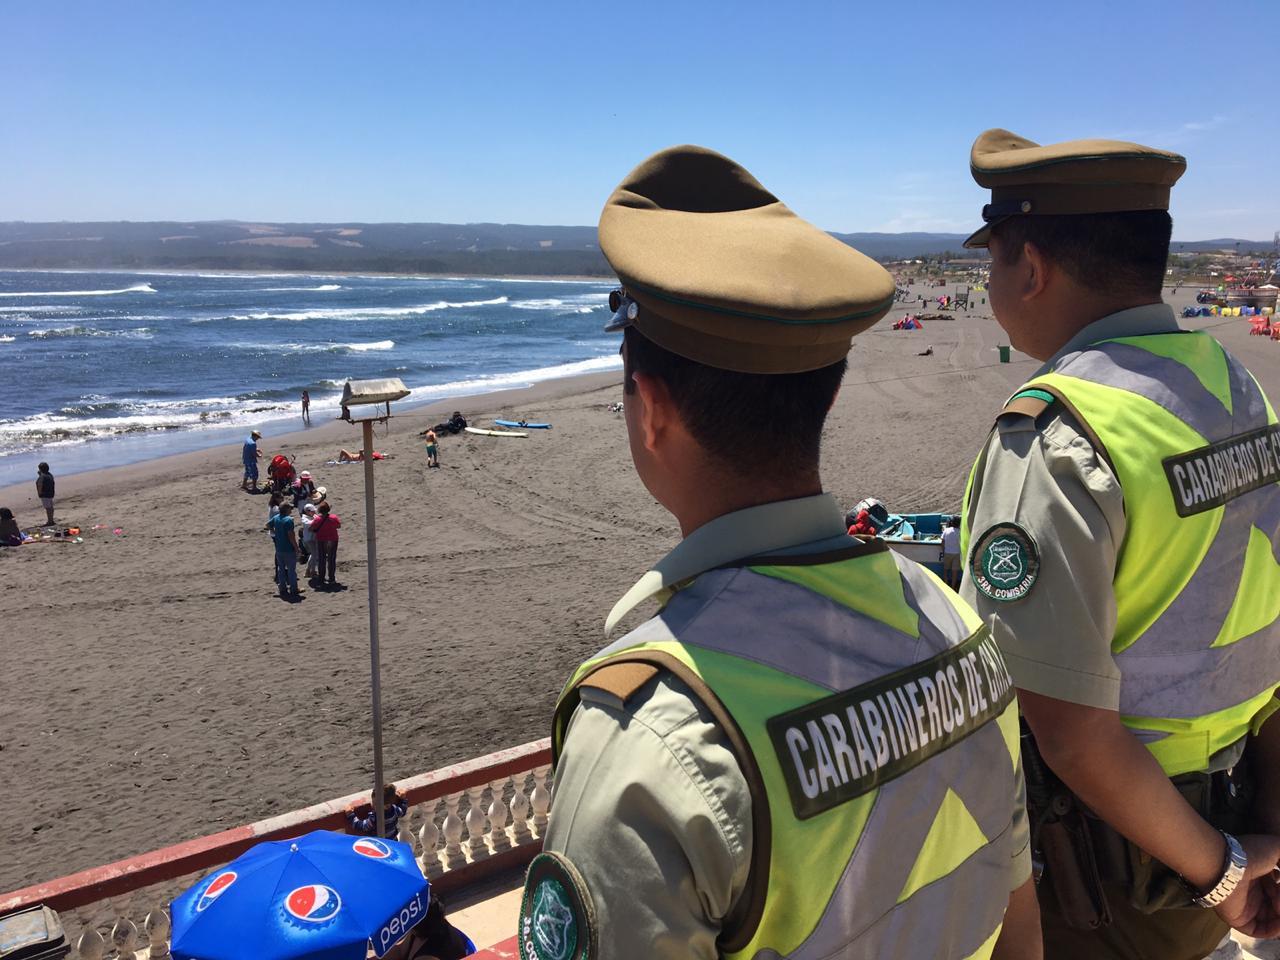 Carabineros realiza servicios reforzados en playas de Pichilemu